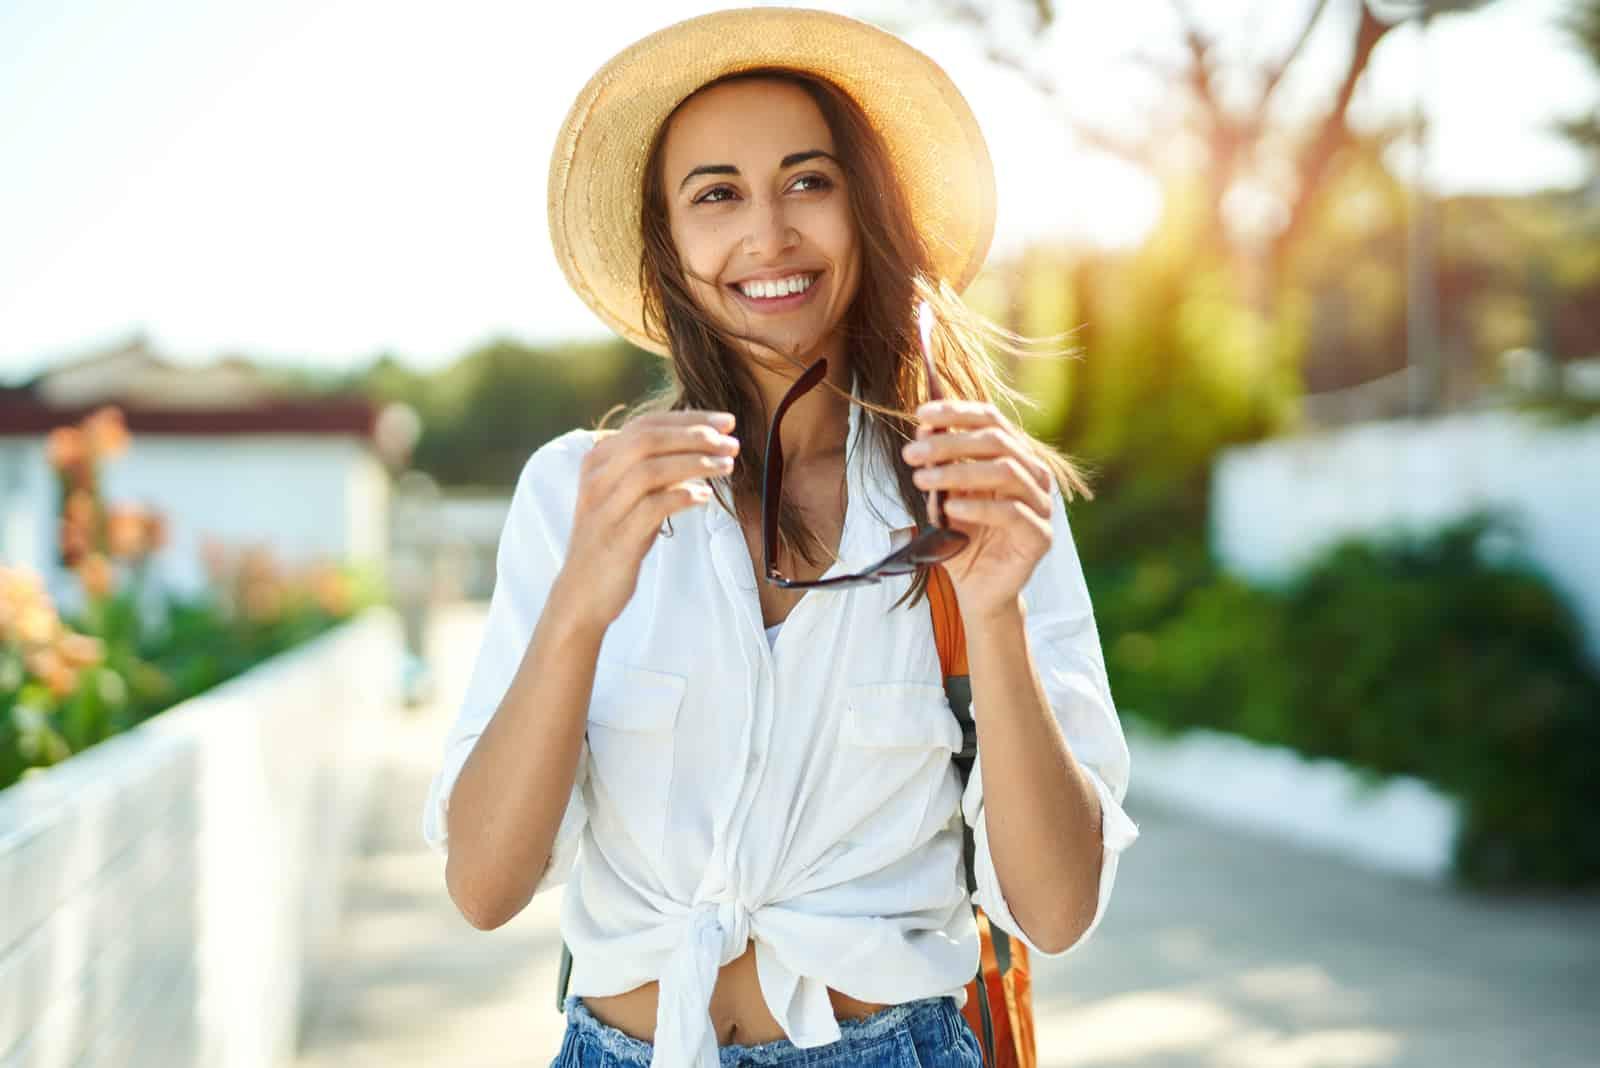 Eine braunhaarige Frau mit einem Hut auf dem Kopf geht die Straße entlang und lacht